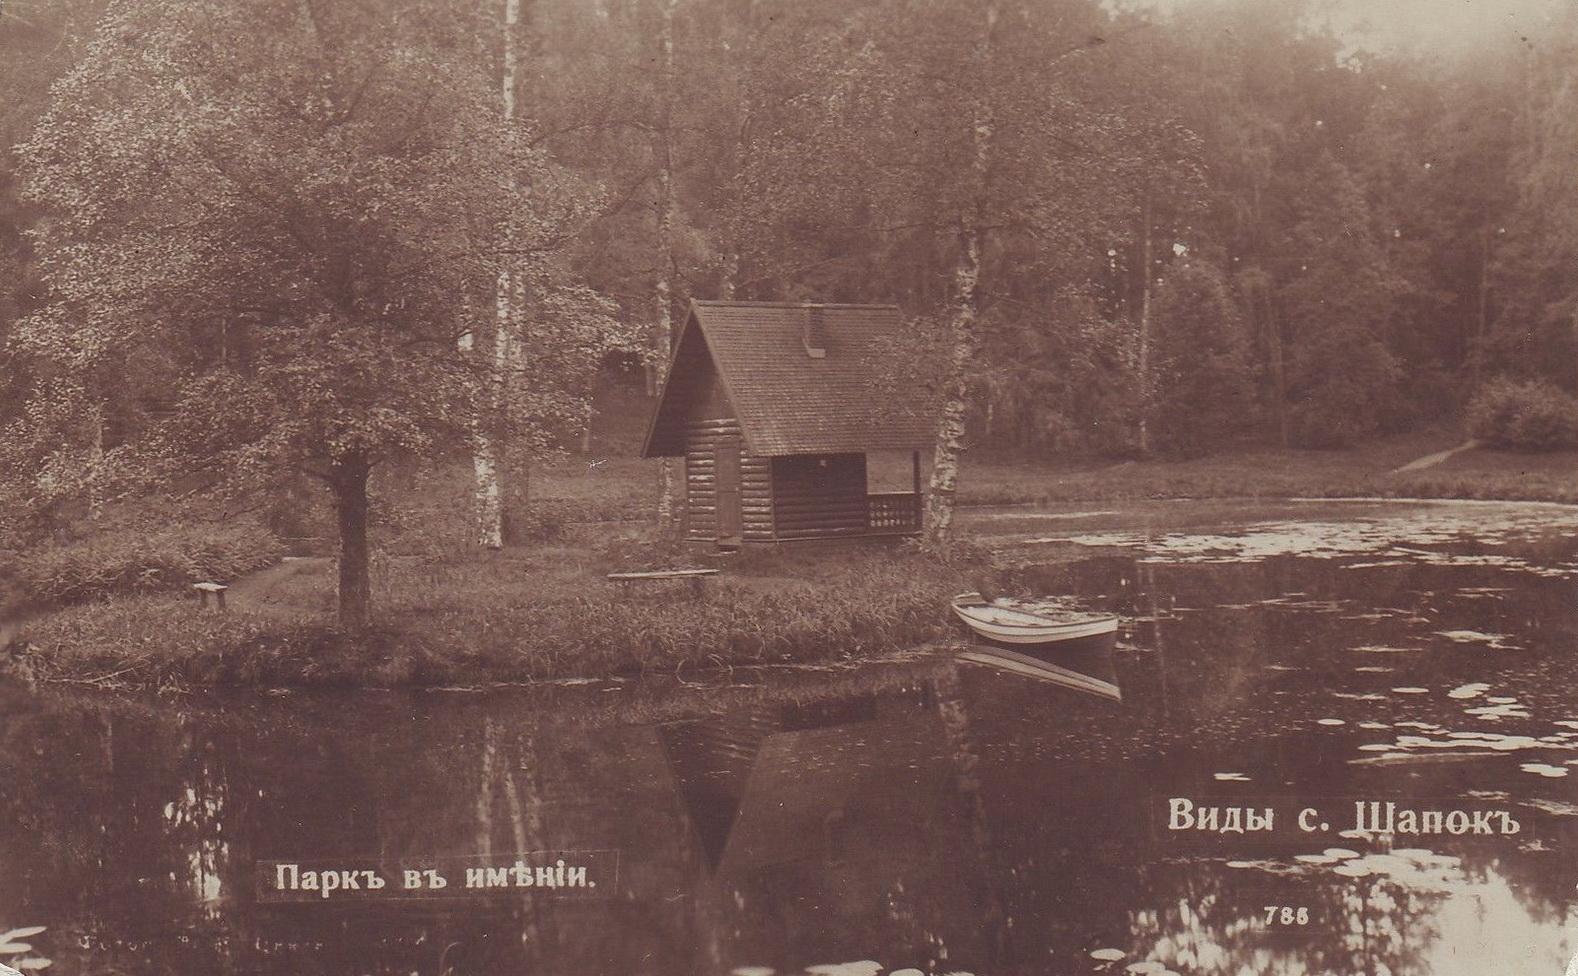 Шапки. Парк и пруд в усадьбе Шапки